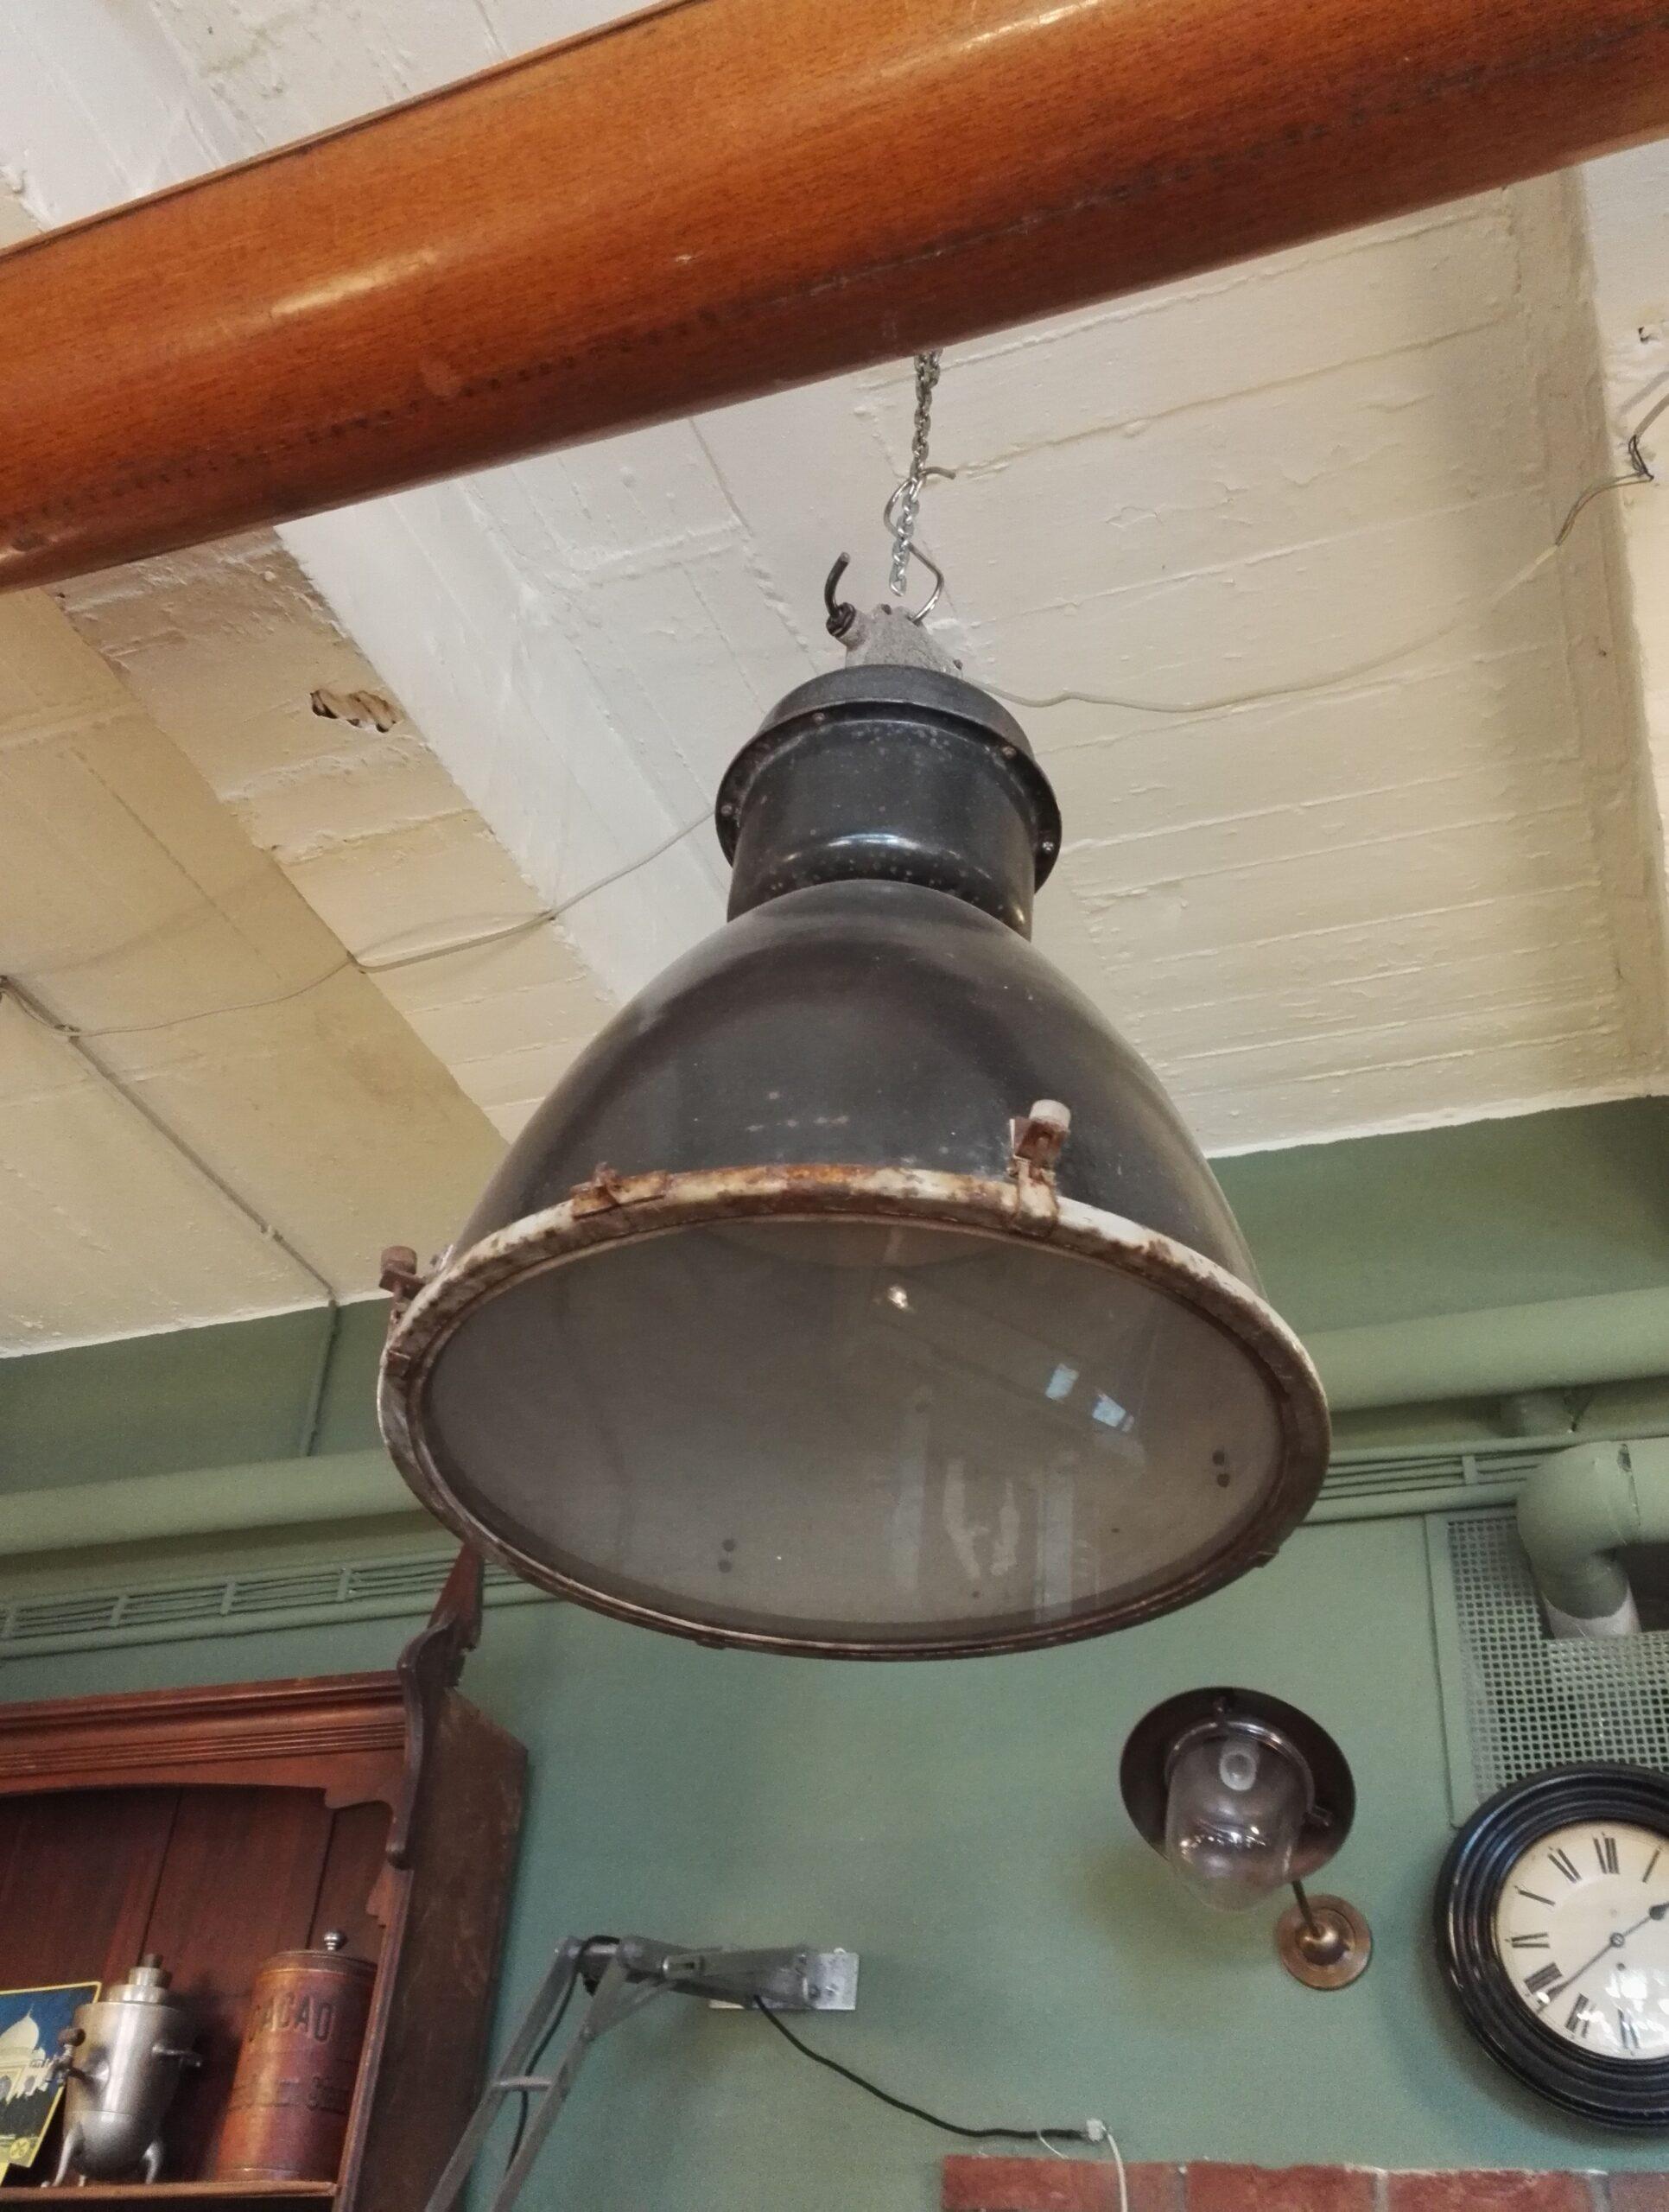 Full Size of Vintageindustrialindustrielampedeckenleuchtedeckenlampe Wohnzimmer Deckenlampe Esstisch Industrial Deckenlampen Küche Für Schlafzimmer Modern Bad Wohnzimmer Deckenlampe Industrial